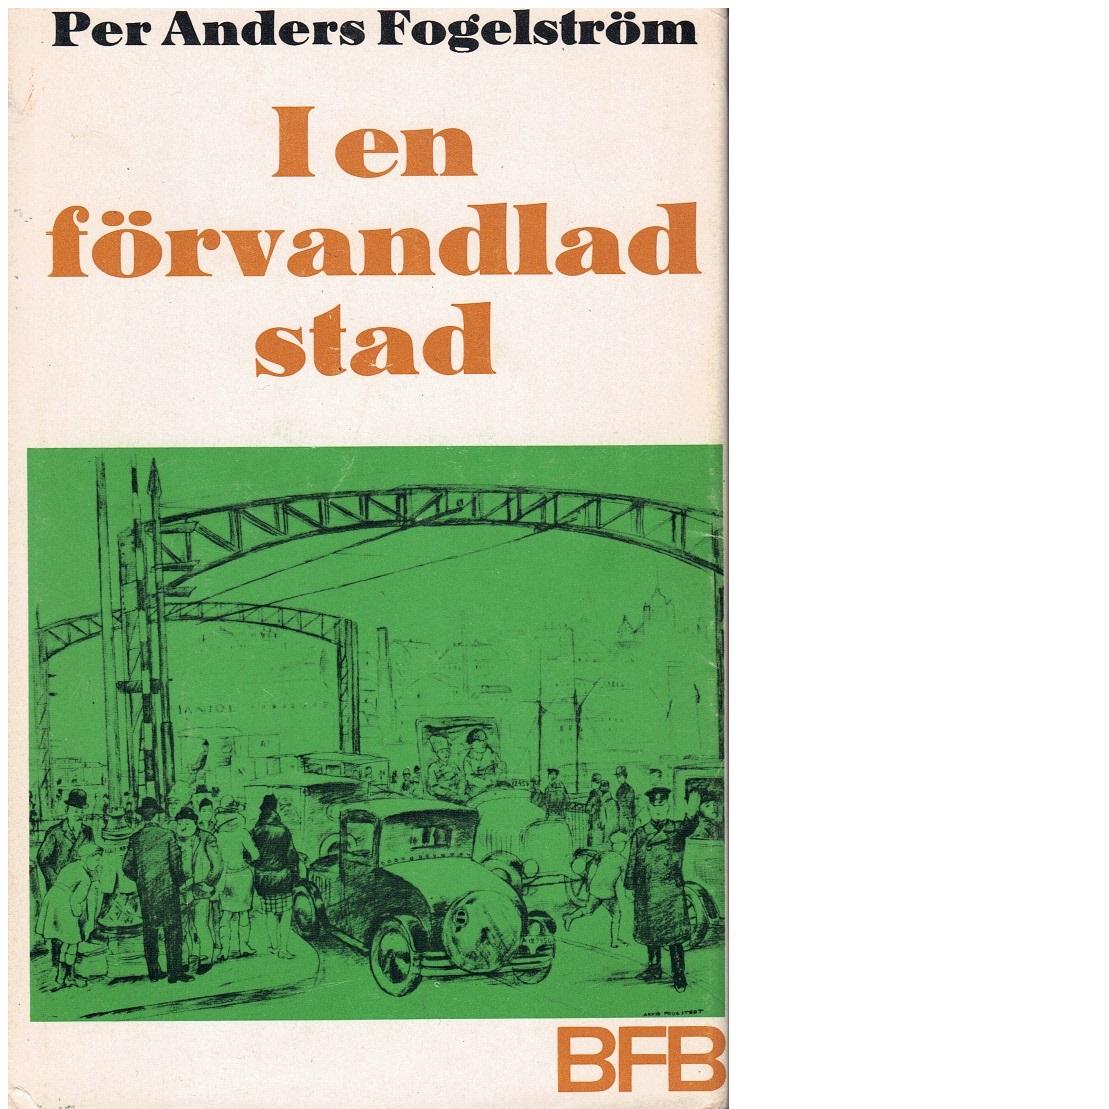 I en förvandlad stad - Fogelström, Per Anders